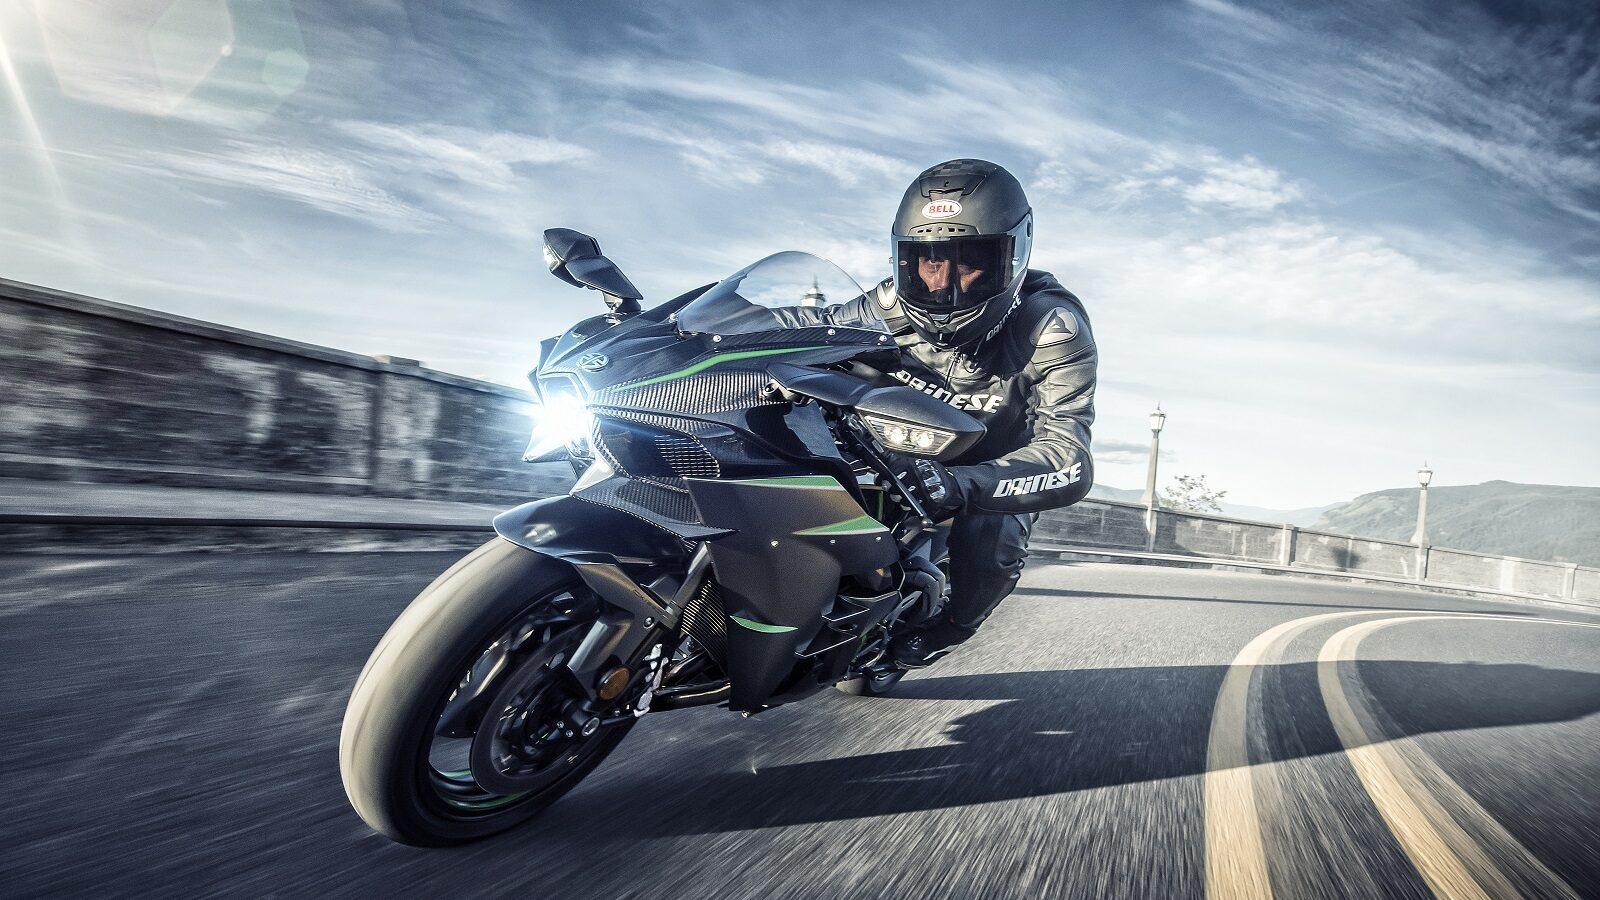 Las 16 motos más potentes del mercado en 2021